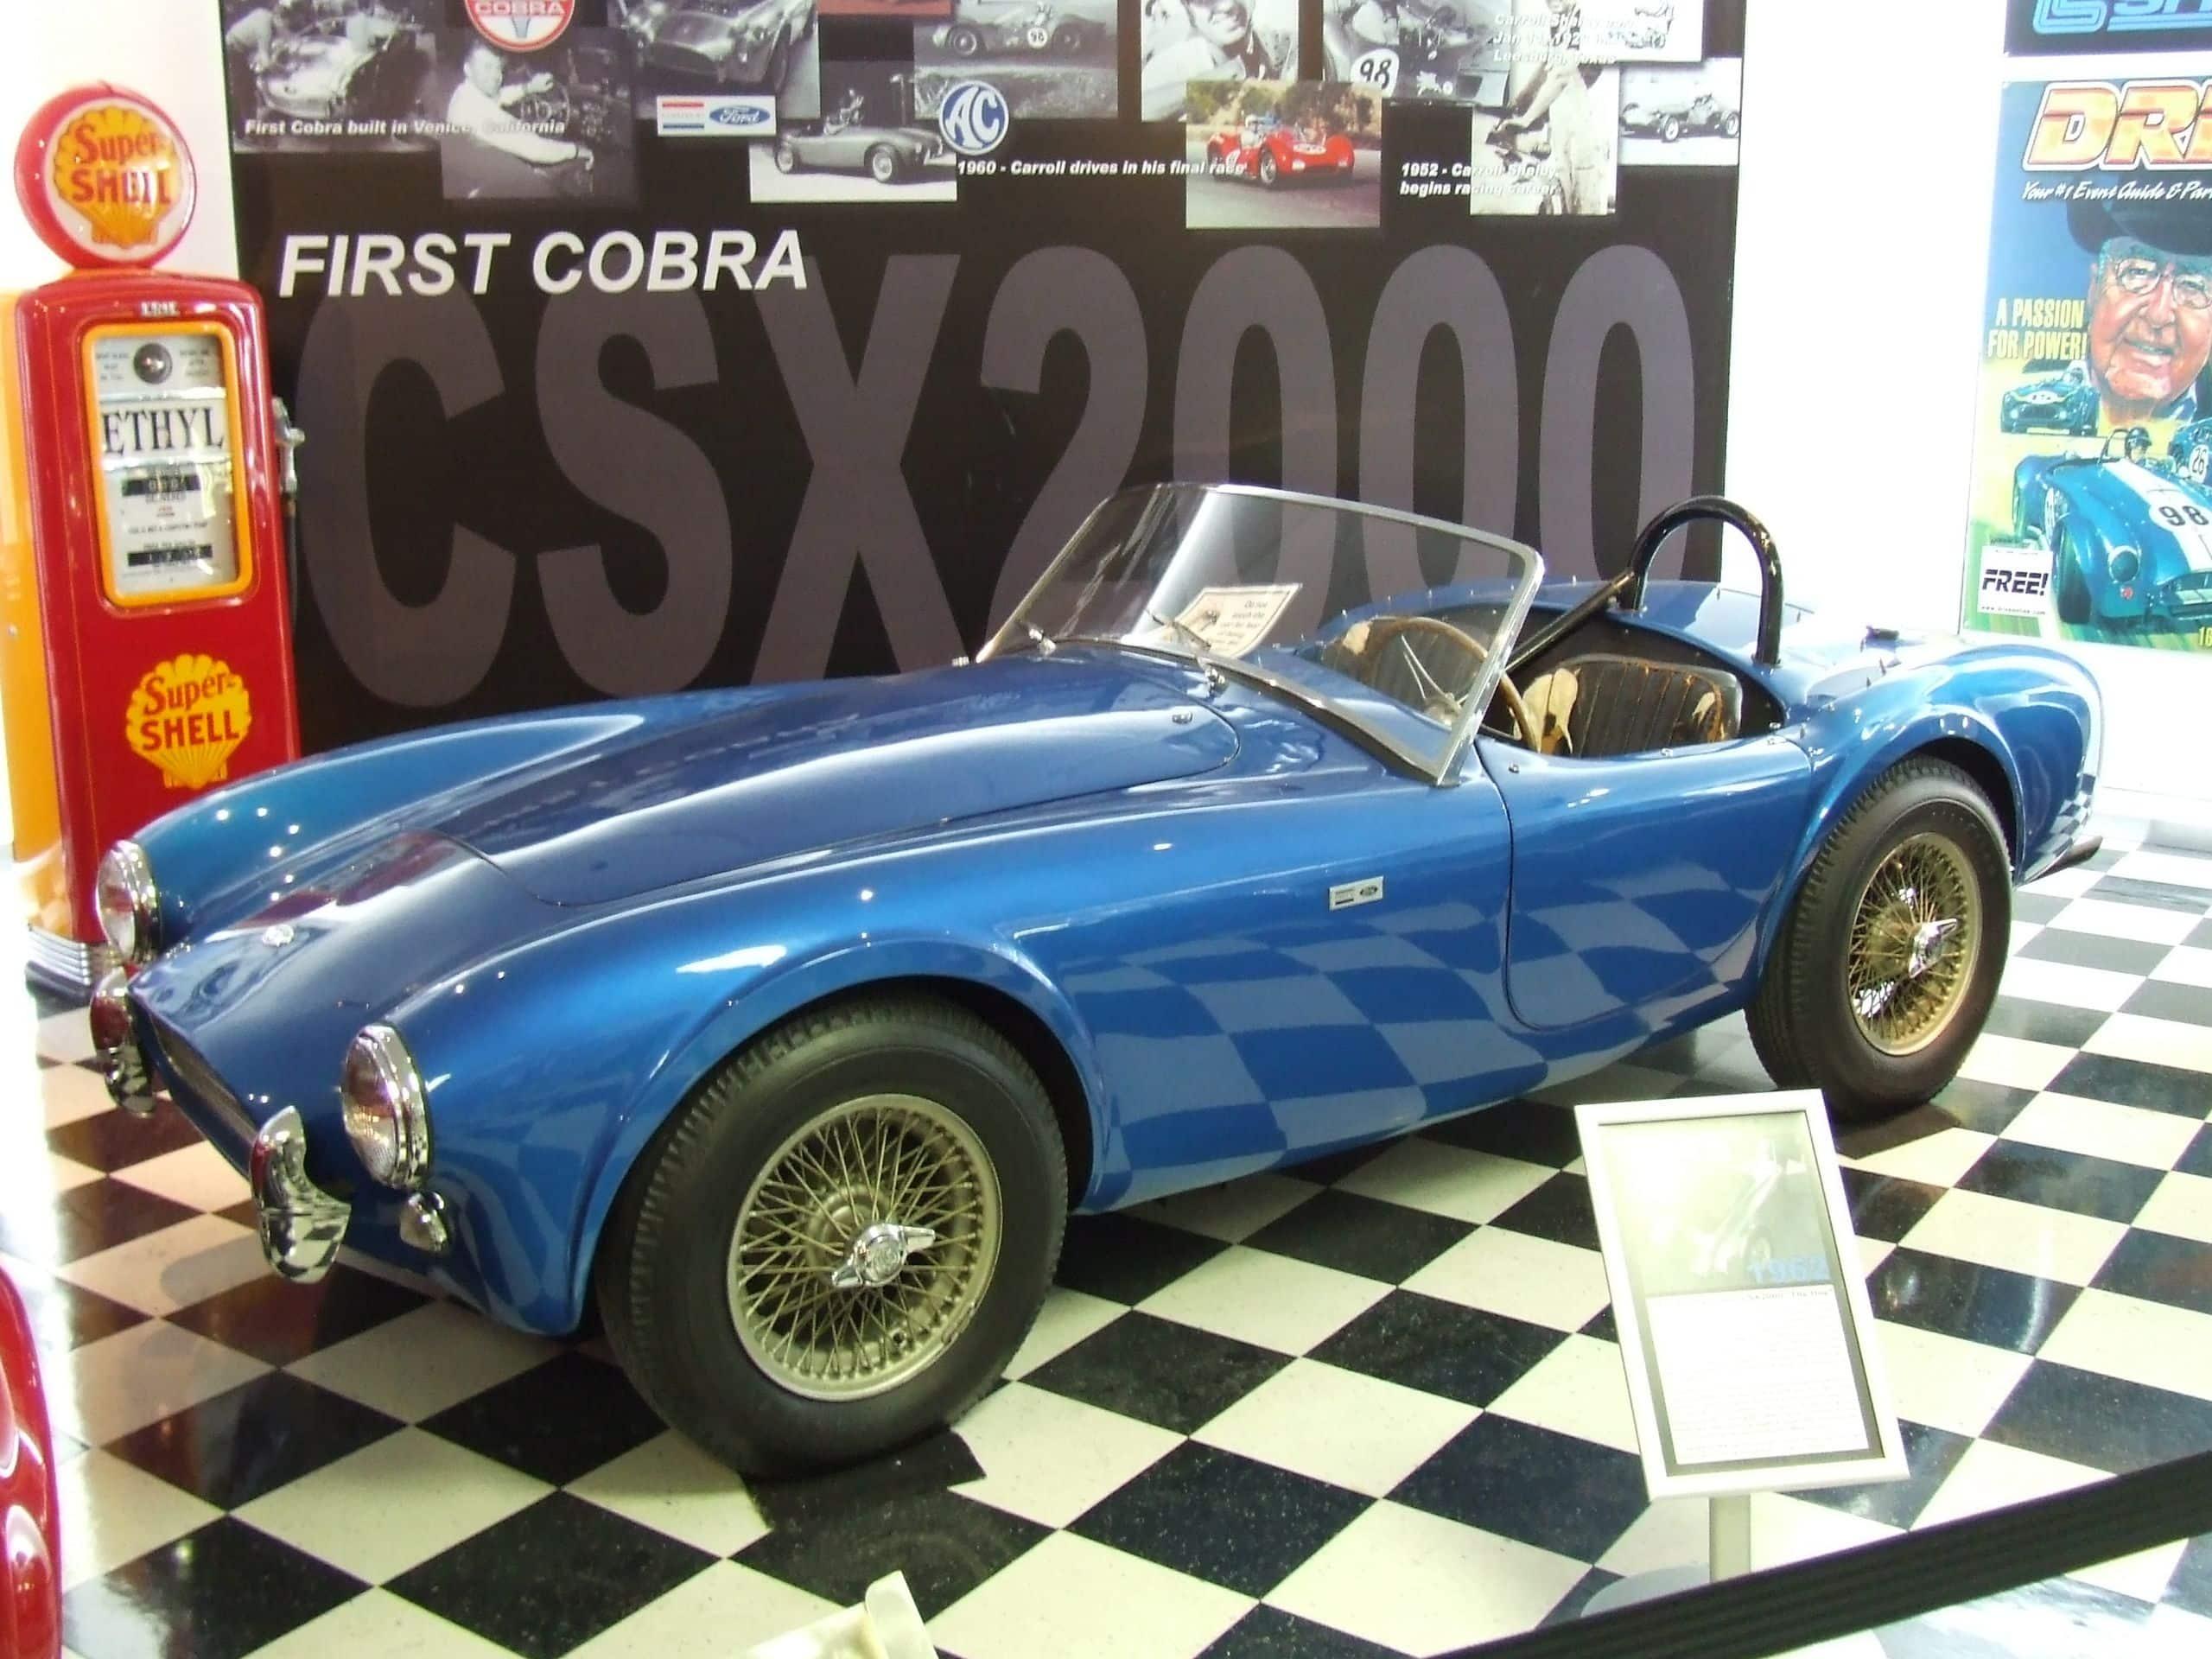 El CSX2000, el primer Cobra de la historia By Jaydec at English Wikipedia, CC BY-SA 3.0, https://commons.wikimedia.org/w/index.php?curid=9952757